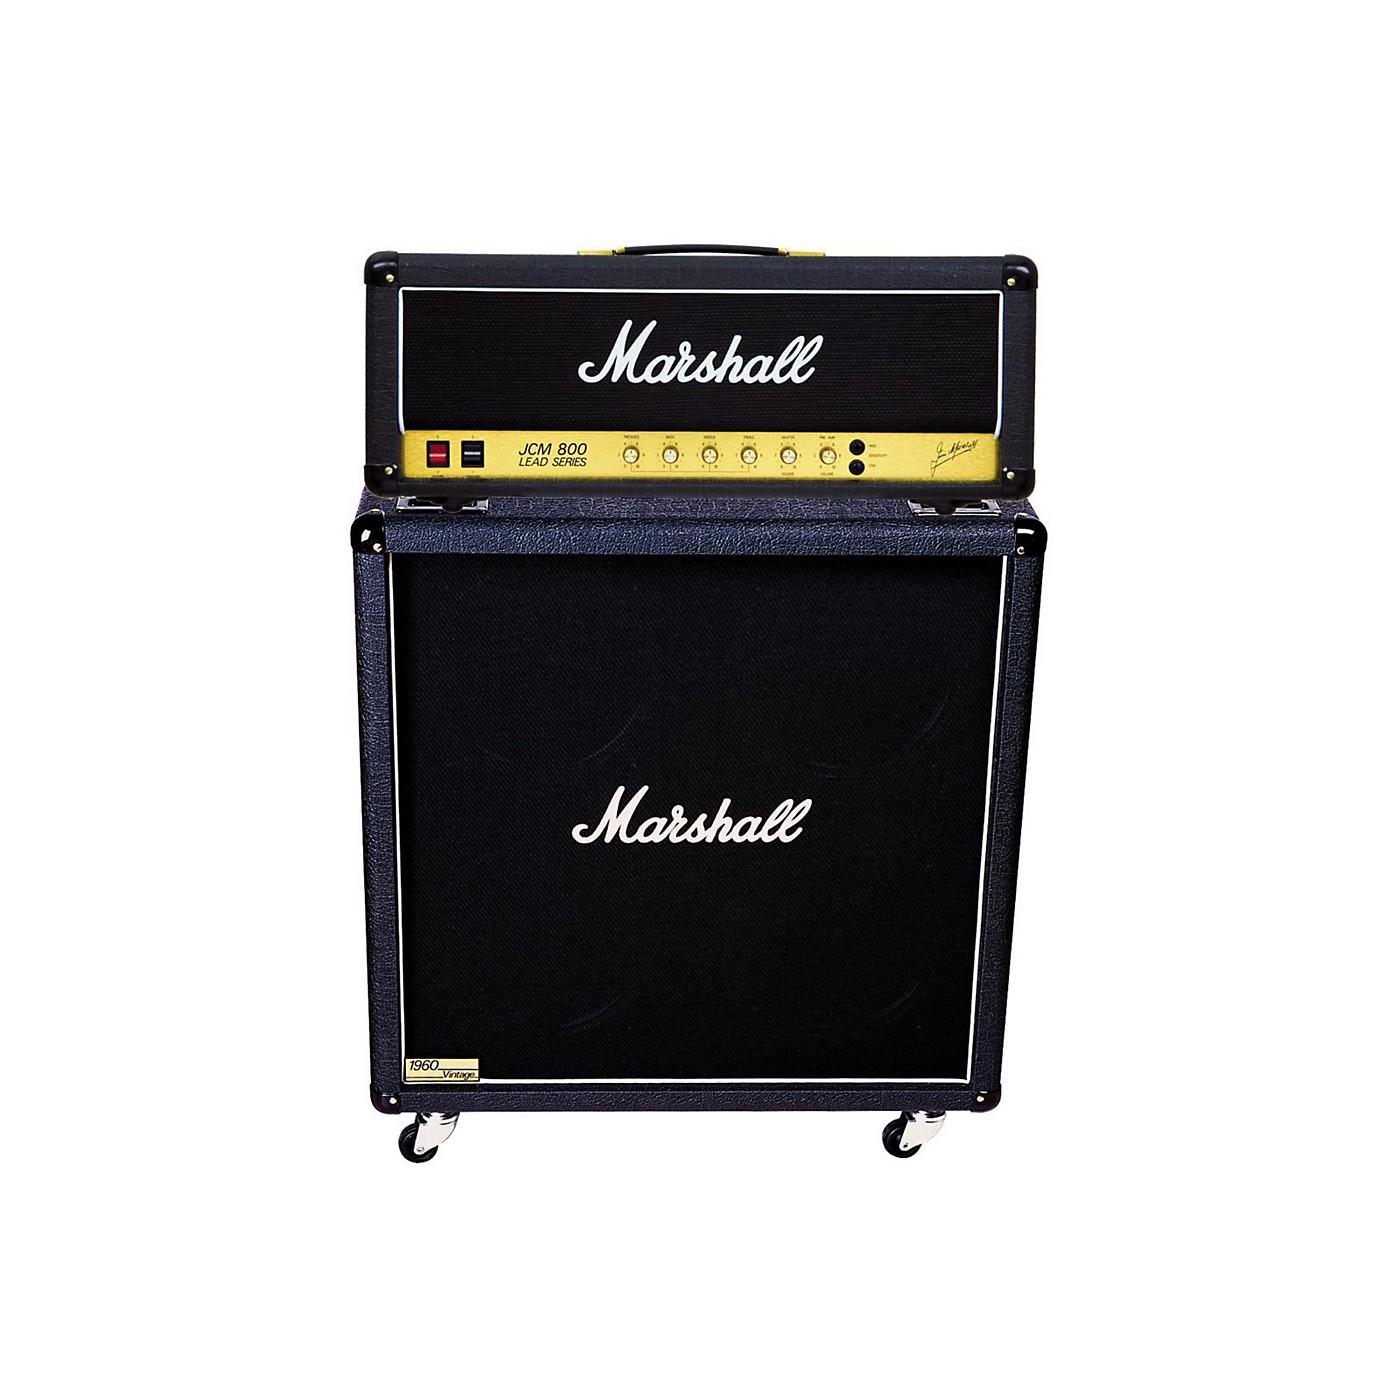 Marshall JCM800 2203 Vintage Series 100W Guitar Tube Head with 1960BV 280W 4x12 Cab thumbnail